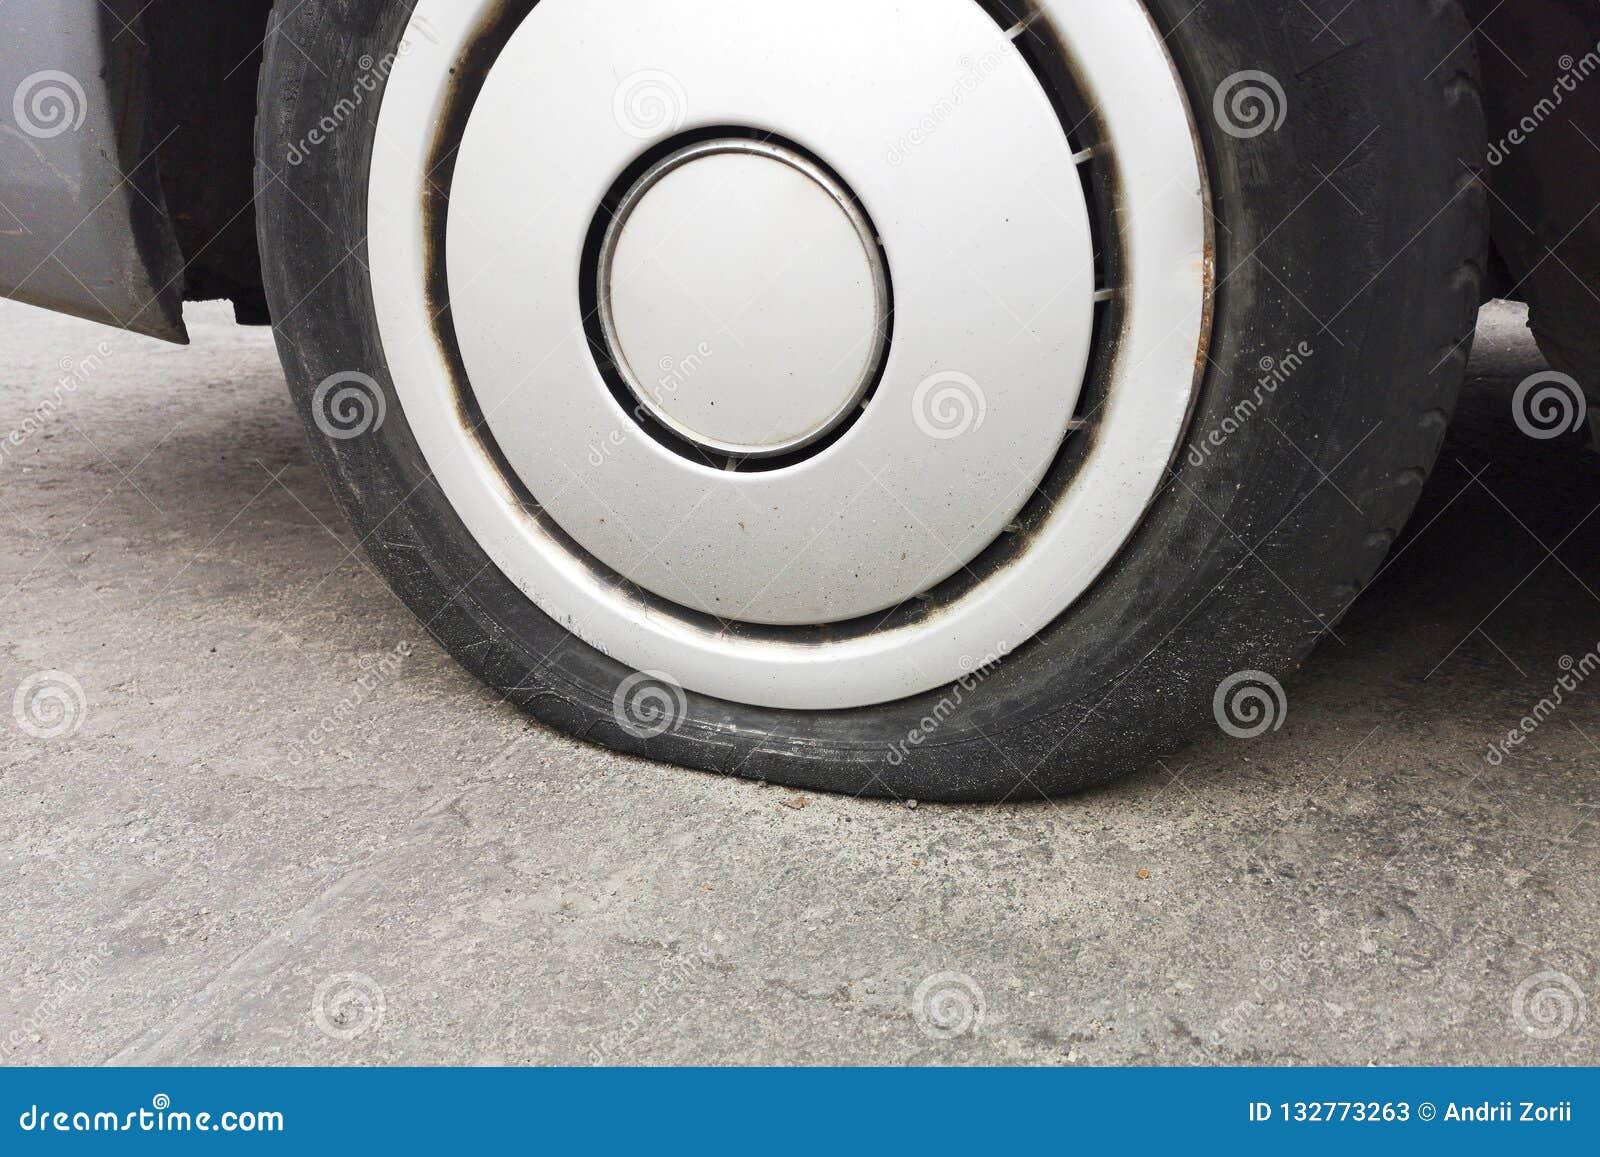 Fuite de pneu de voiture en raison du broyage de clou pneu plat sur la route Flatten a perforé la roue automatique Pneu crevé end